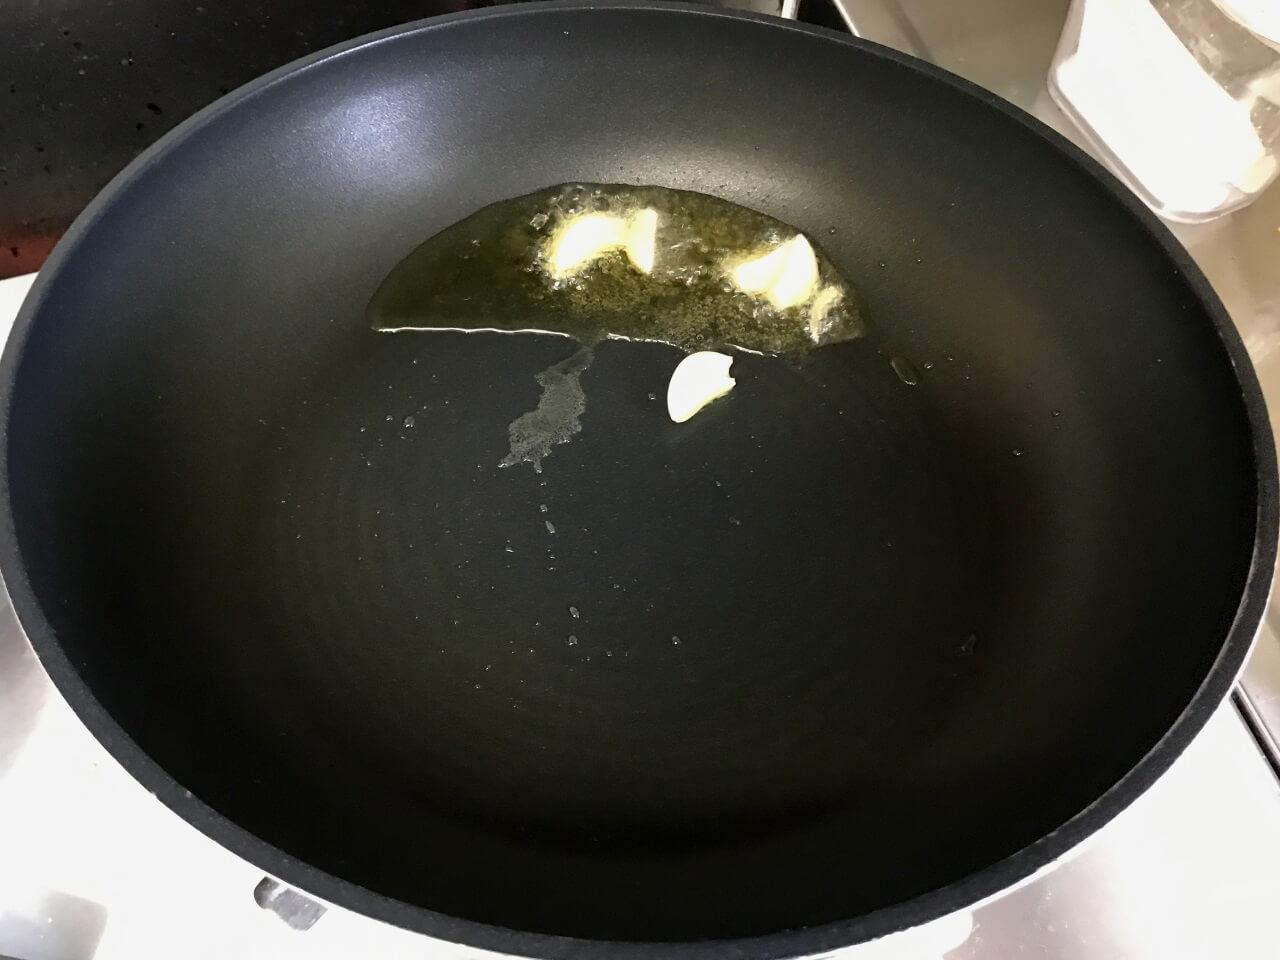 7.ニンニクを入れて揚げるように炒める。